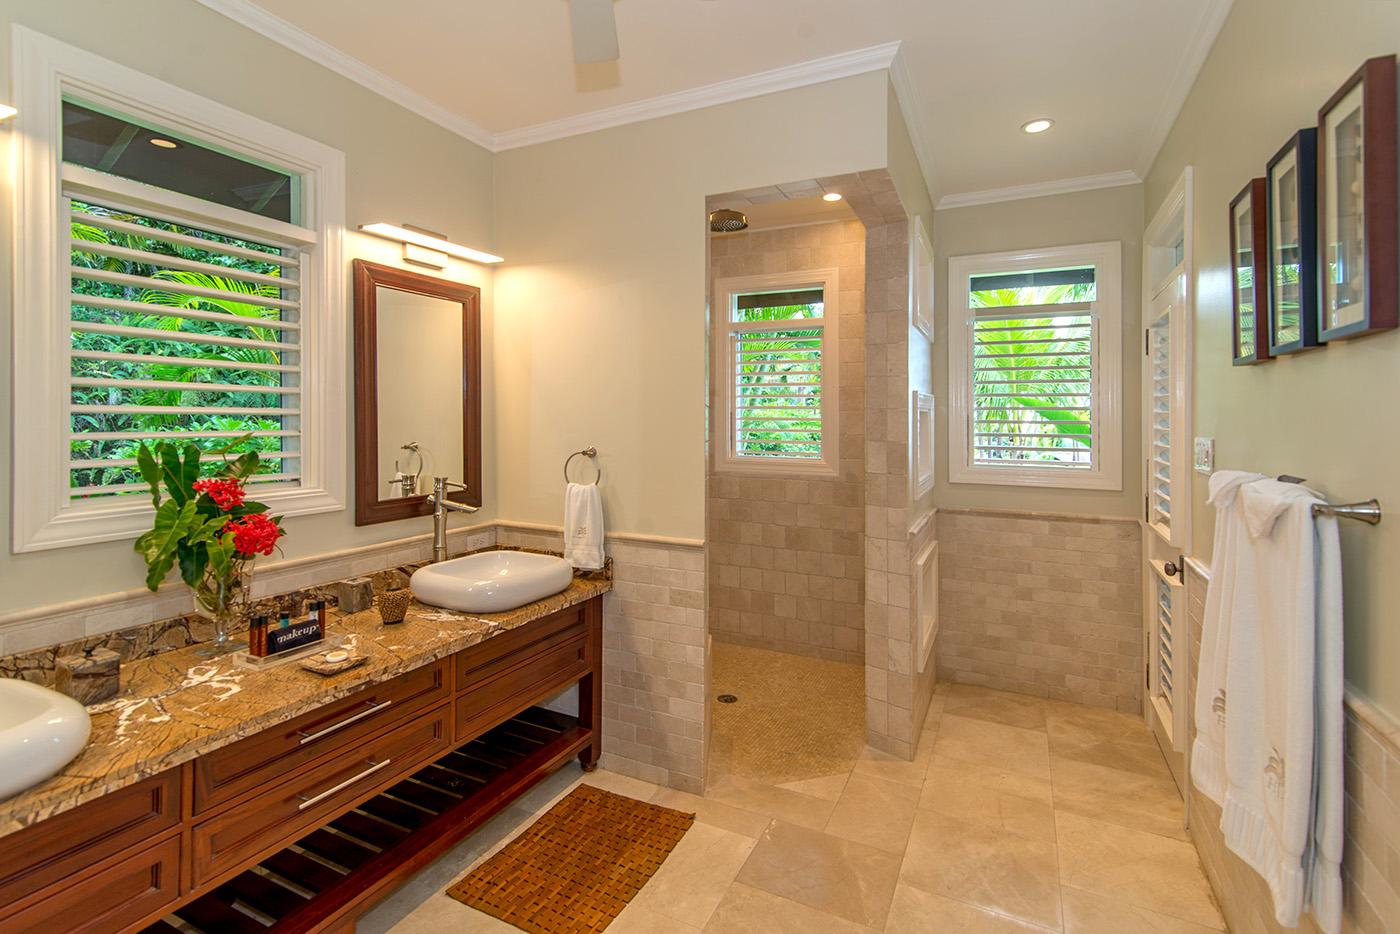 Cottage - Springfield En Suite Bath